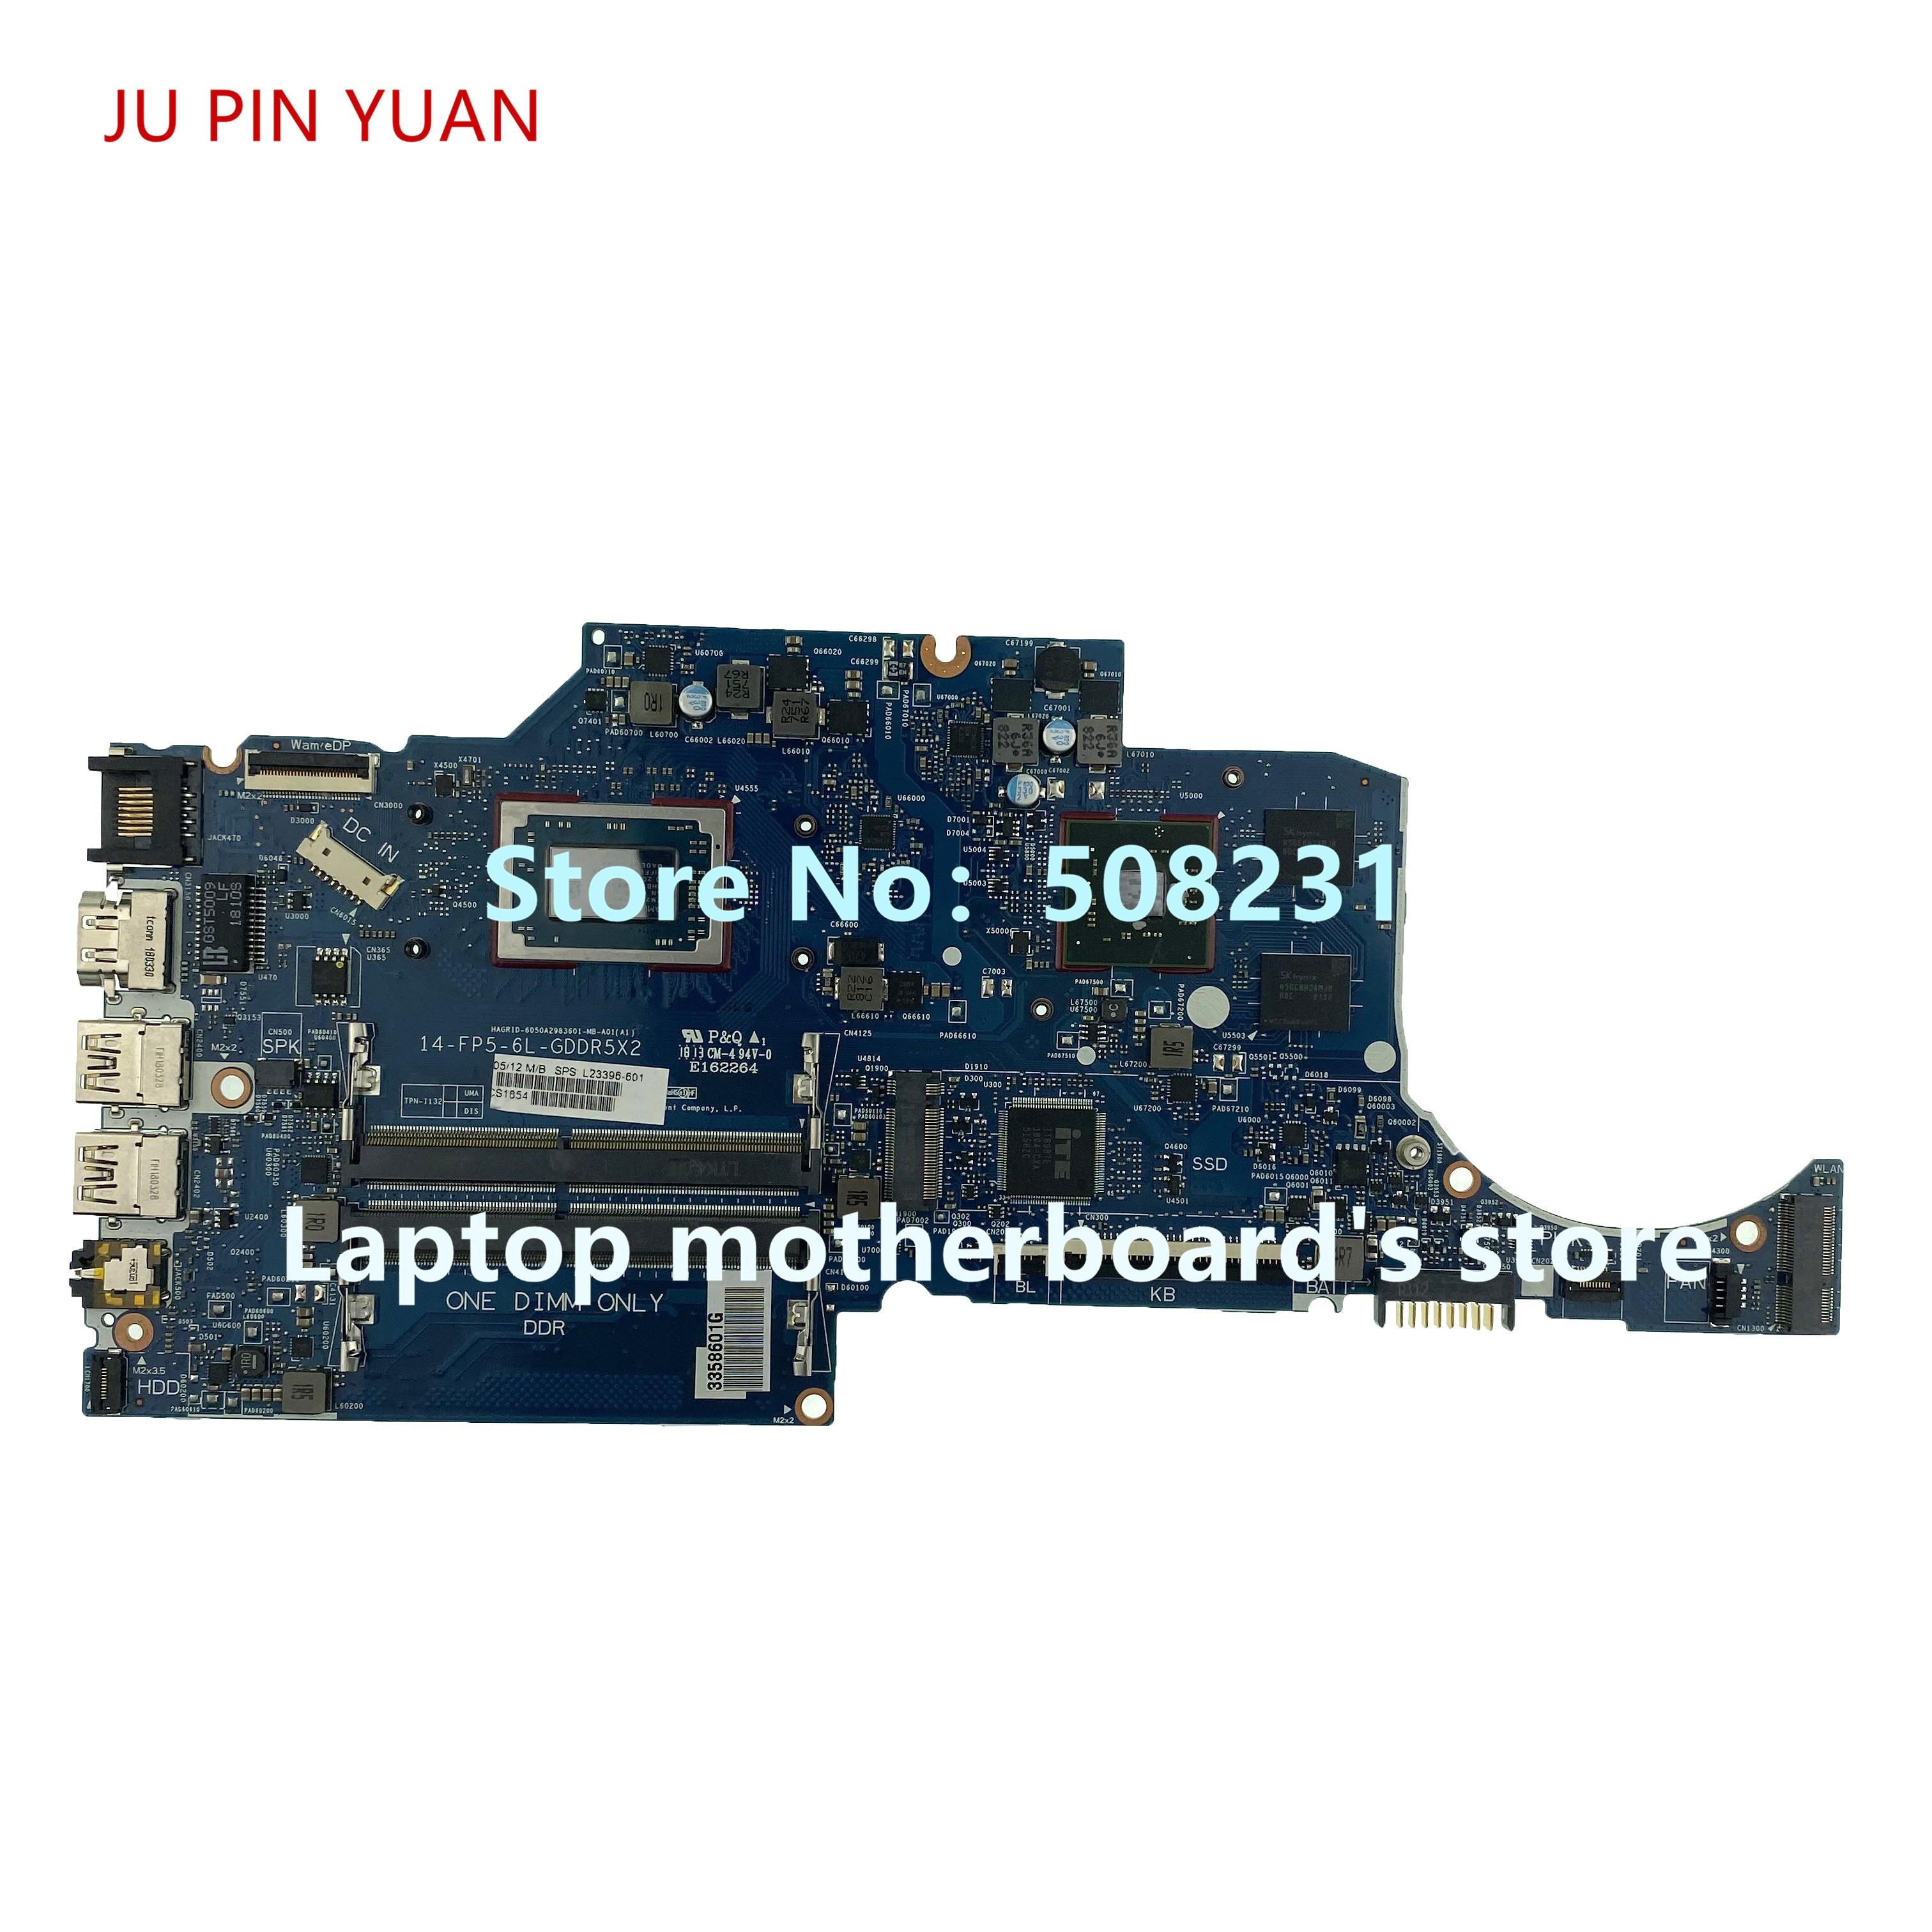 Ju pino yuan L23396-001 L23396-601 para hp 14-c 14q-c 14-cm placa-mãe do portátil com 520 2 gb ryzen3 2200u cpu 100% totalmente teste